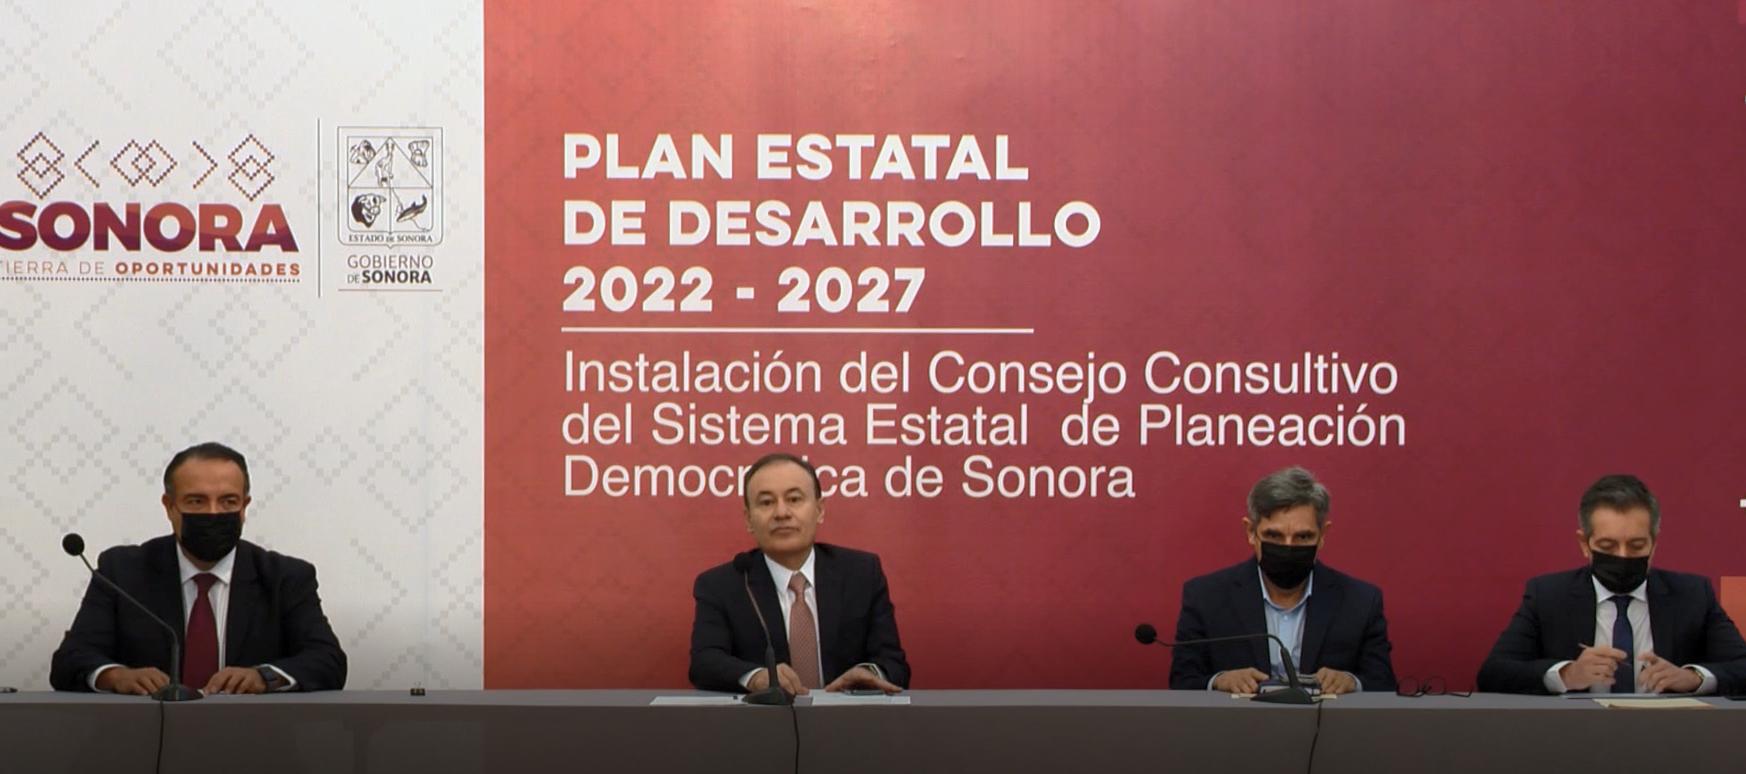 Contaremos con un Plan de Desarrollo justo, sensible y democrático: Alfonso Durazo